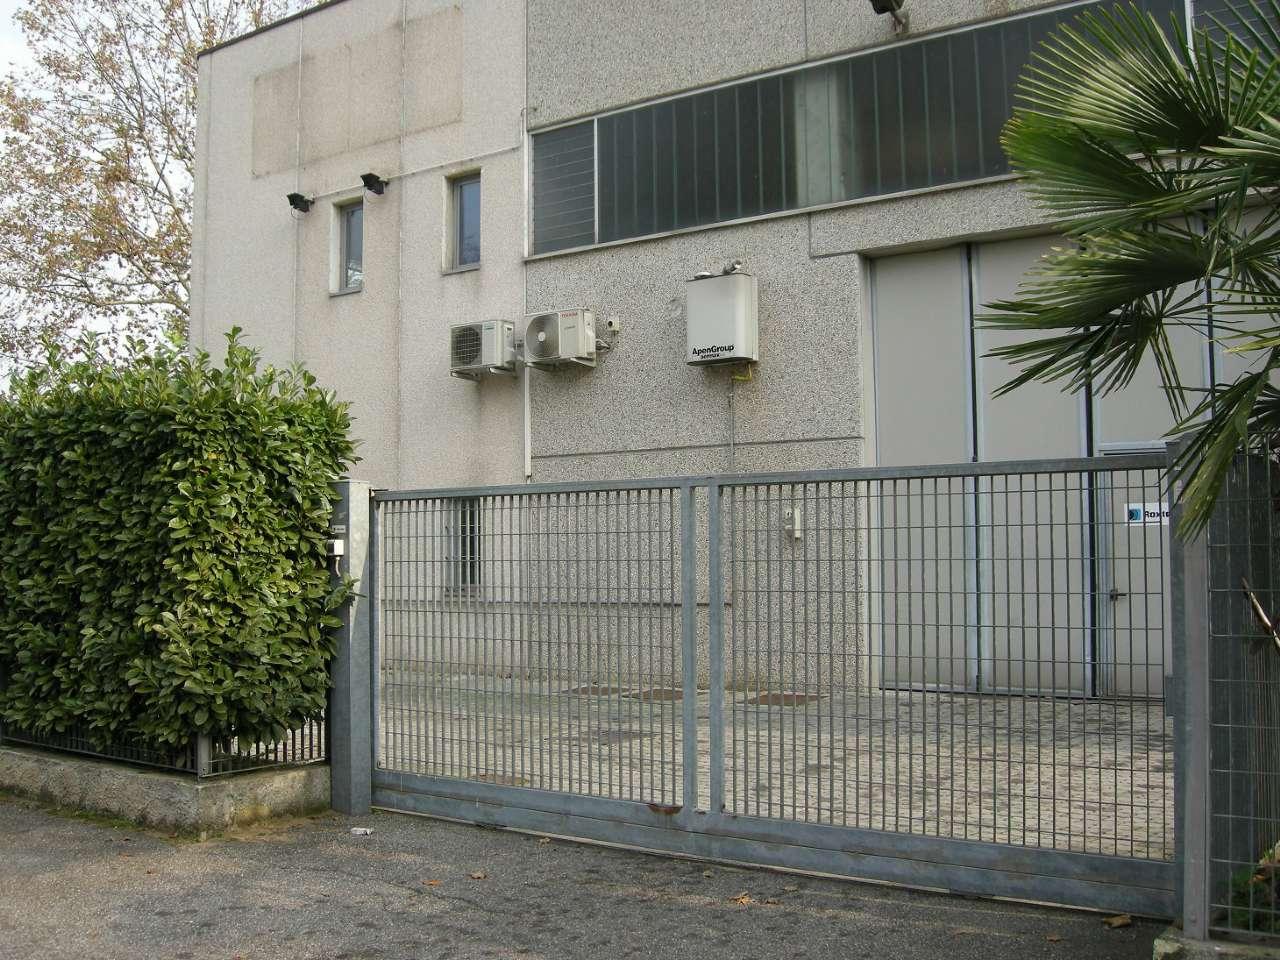 Capannone in vendita a Cassina de' Pecchi, 9999 locali, prezzo € 285.000 | CambioCasa.it